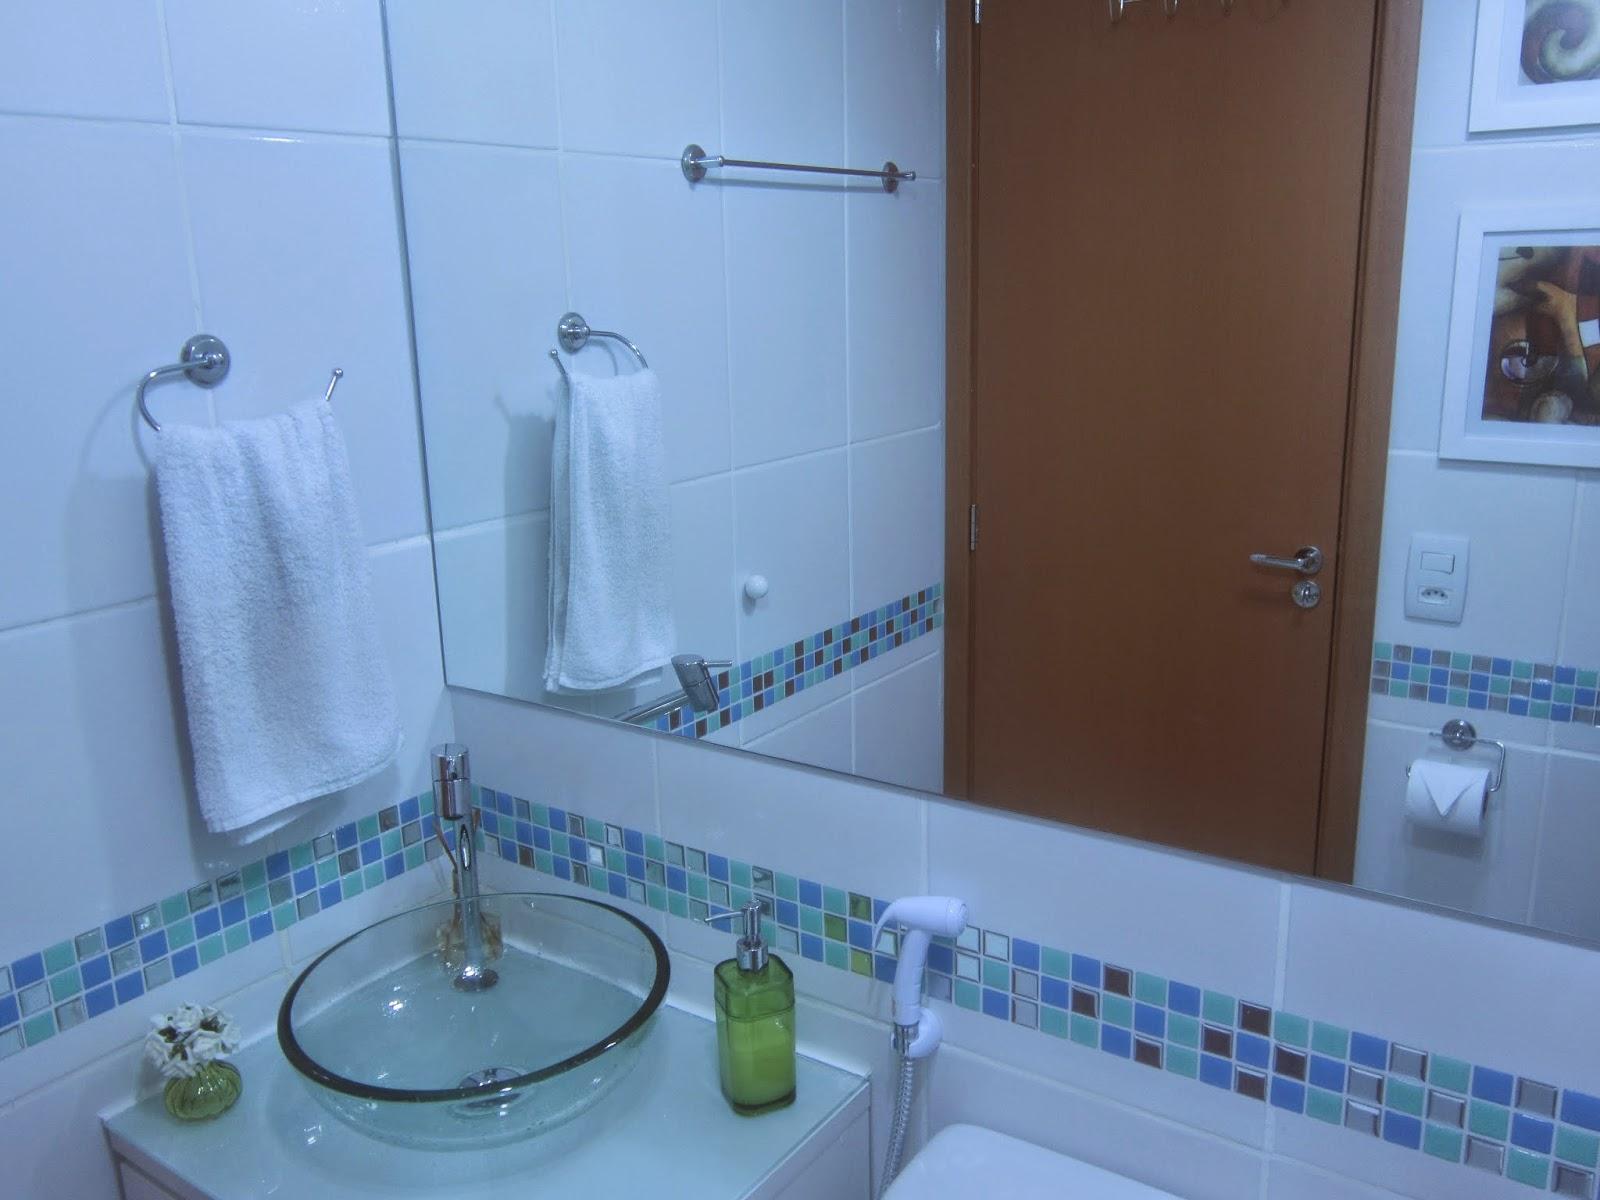 Cafofo Sonhado: Decorando banheiros pequenos: 2 banheiros 2m² cada  #1056BB 1600 1200